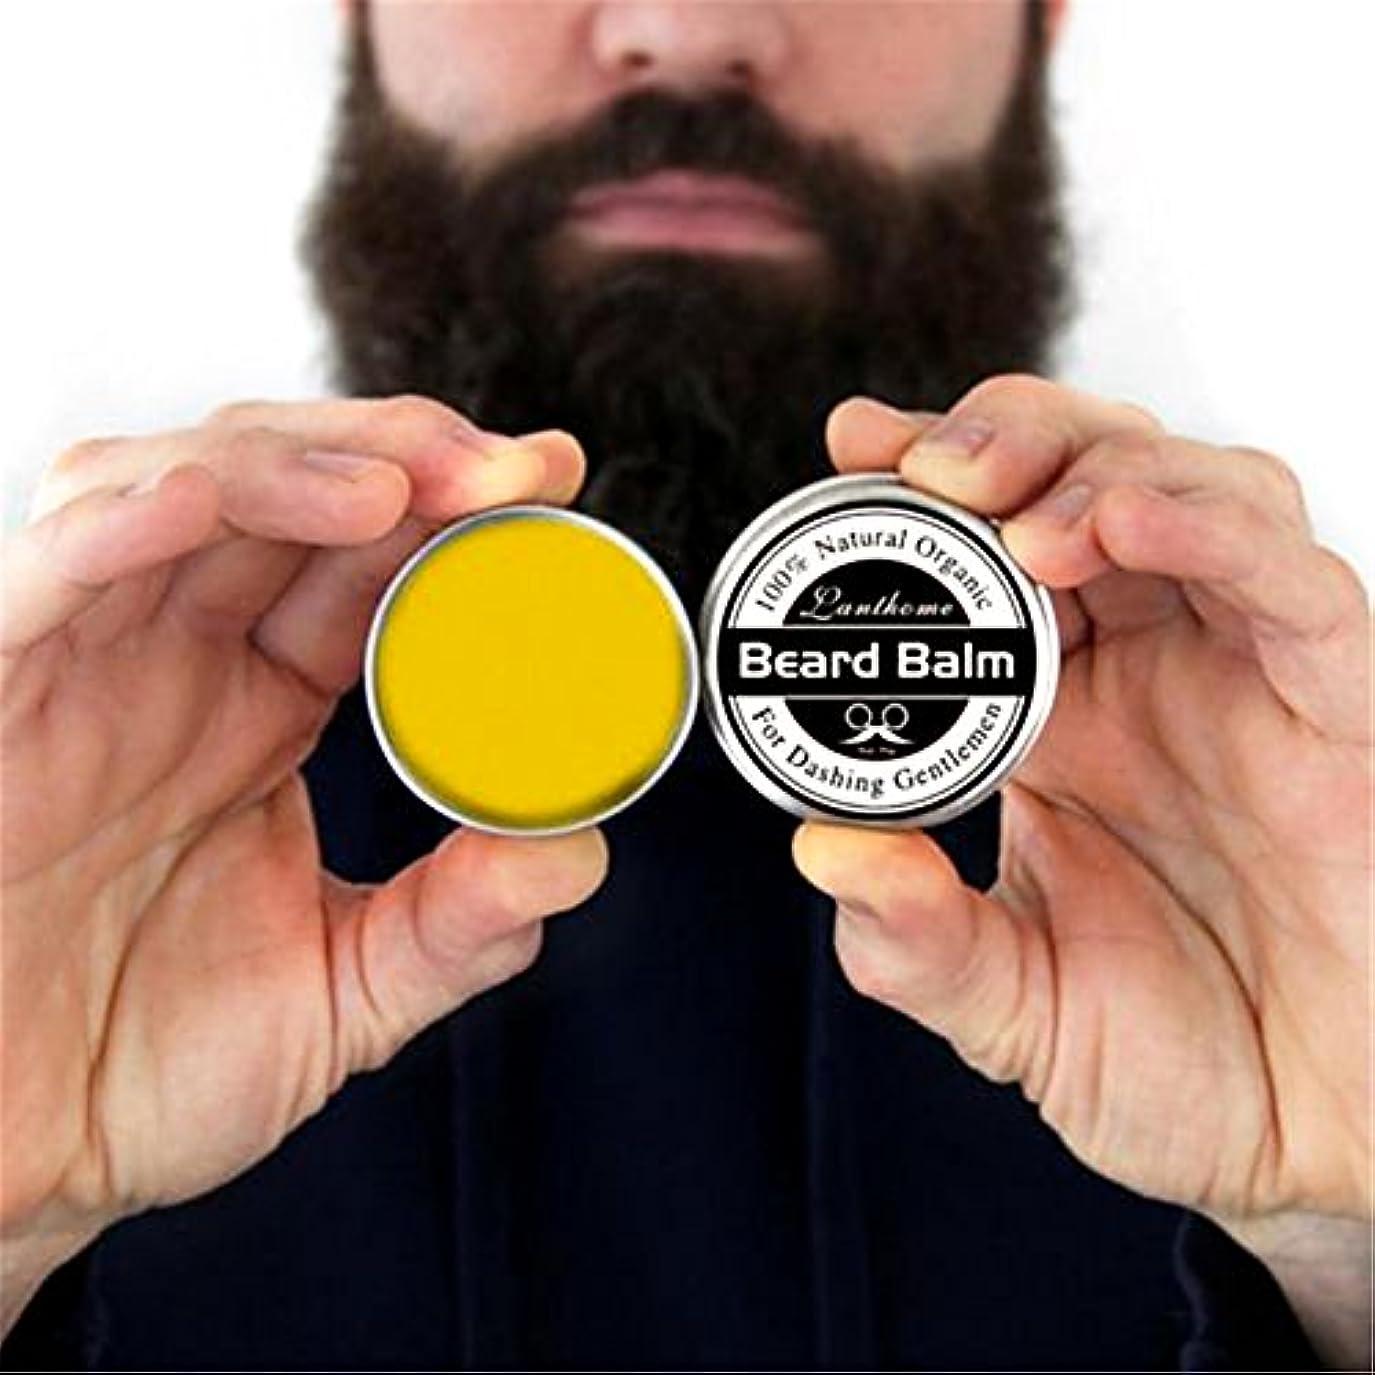 体細胞プリーツ北Ruier-tong ビアードバーム メンズひげワックス 口髭用ワックス ひげクリーム 保湿/滋養/ひげ根のケアなどの効果  ひげケア必需品 携帯便利